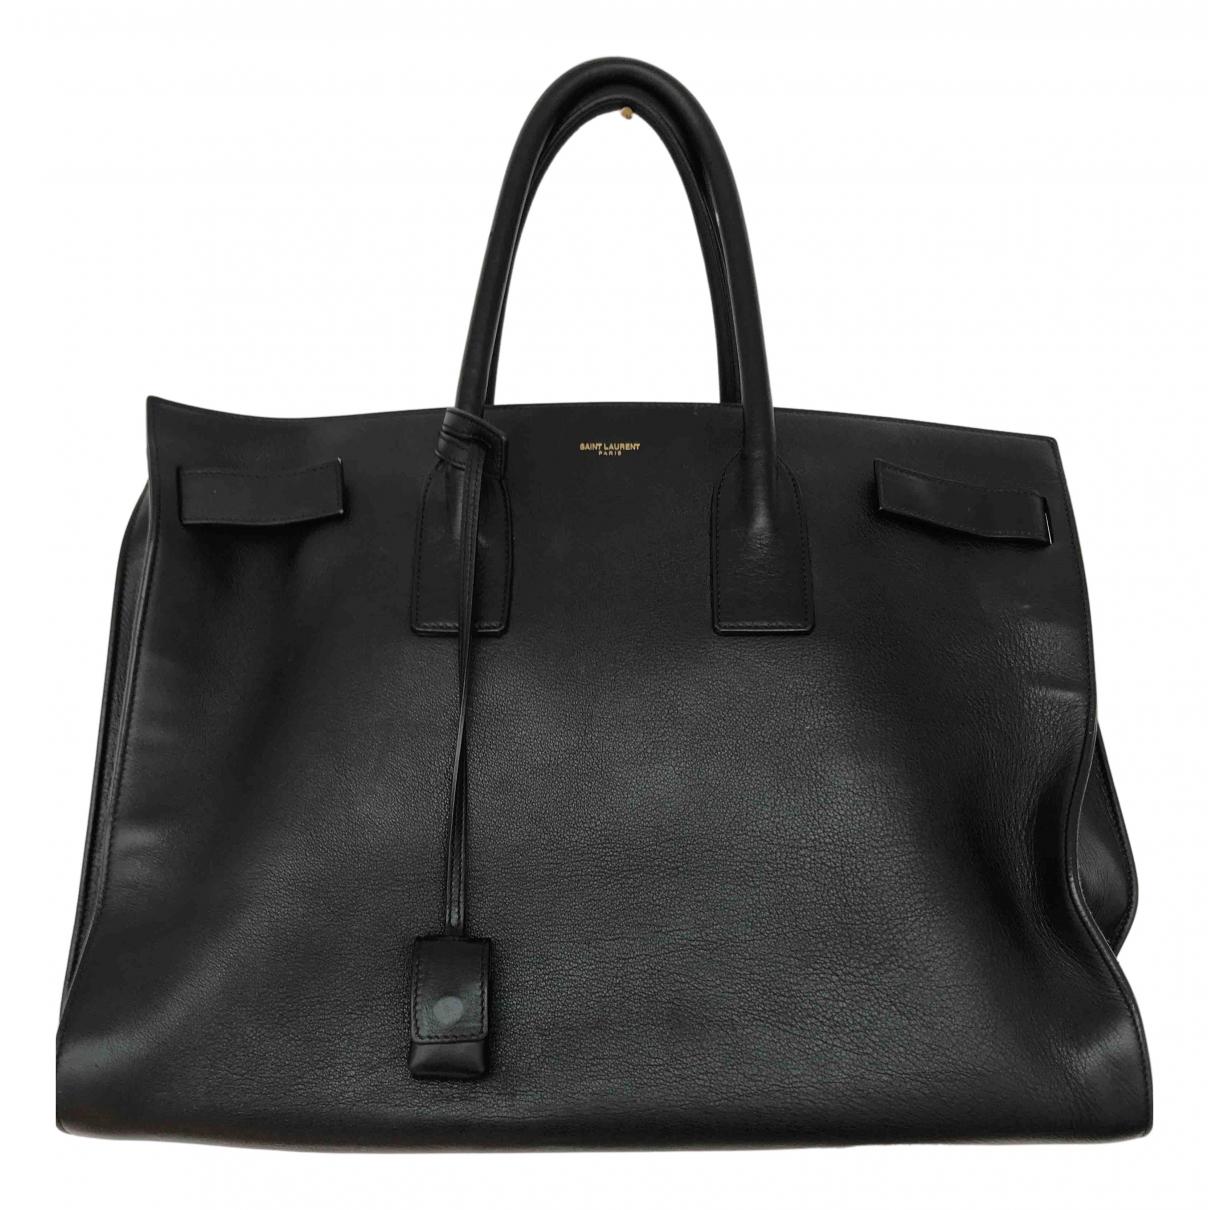 Saint Laurent Sac de Jour Handtasche in  Schwarz Leder